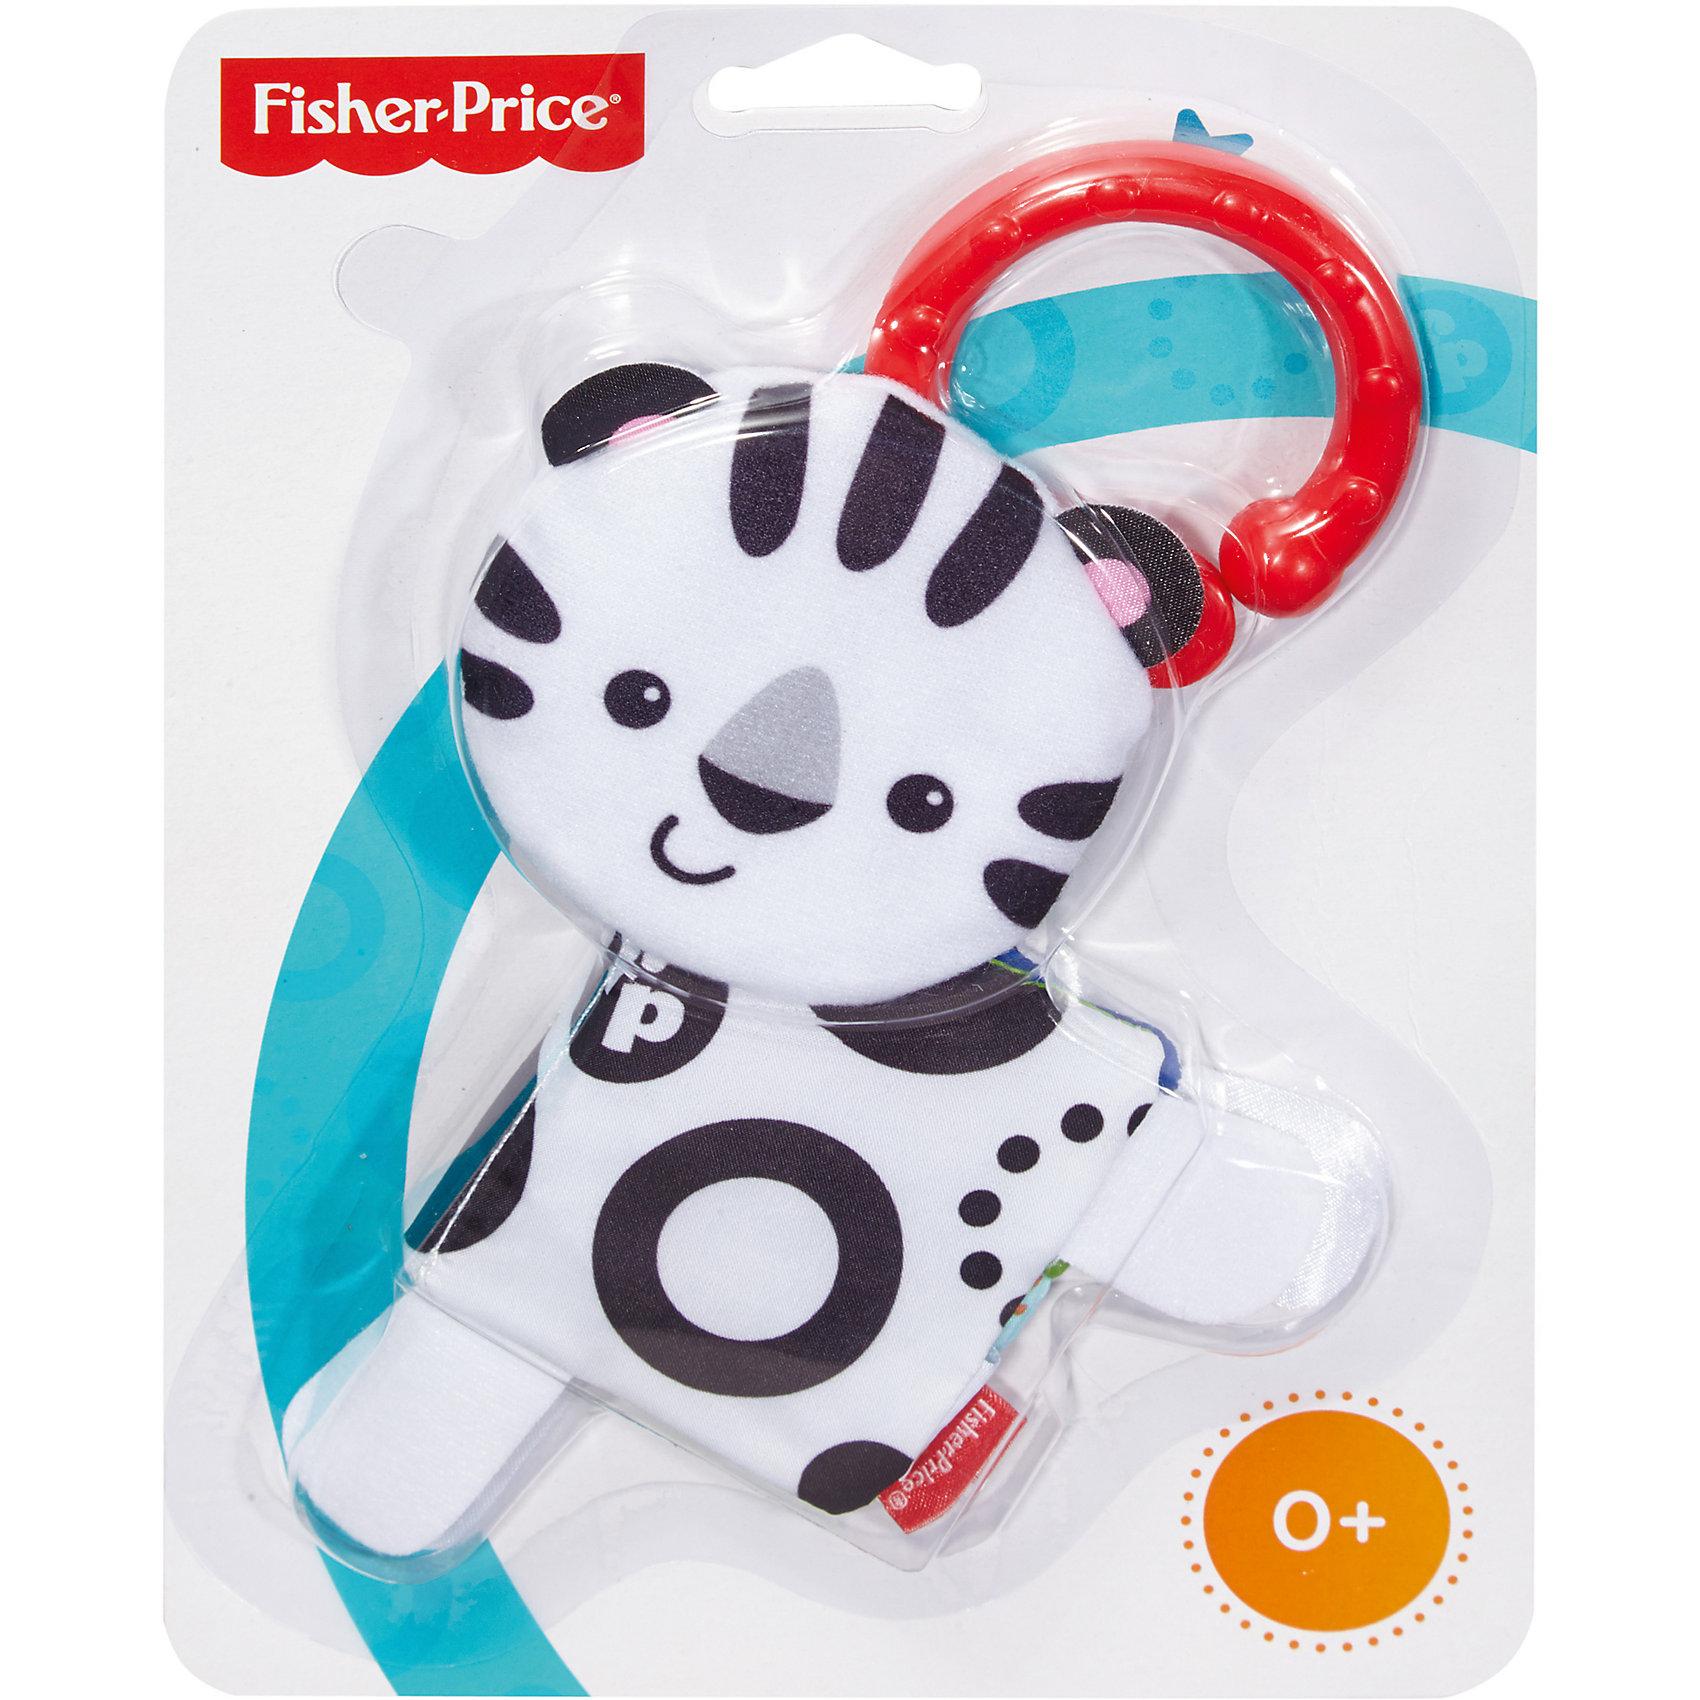 Мягкая книжка, Fisher-PriceОтличный подарок ребенку - Мягкие книжки от Fisher-Price. Они сделаны в виде зверей  - это игрушечный друг из плюша и красочно иллюстрированная книжка одновременно! Книжка состоит из мягких шуршащих страниц, которые малыш может переворачивать, в ней есть «дневные» и «ночные» картинки. Благодаря кольцу игрушку можно цеплять и брать с собой куда угодно. Она - небольшого размера и весит совсем немного. <br>Игрушка имеет такой размер, при котором ребенку удобно держать её в руках, а также брать с собой в гости или на прогулку. Такие игрушки помогают развить мелкую моторику, логическое мышление и воображение ребенка, а также познавать окружающий мир. Эта игрушка выполнена из высококачественного материала, безопасного для детей.<br>  <br>Дополнительная информация:<br><br>цвет: разноцветный;<br>материал: пластик, текстиль;<br>комплектация: с кольцом-держателем;<br>размер упаковки: 16,5х23х2,5 см;<br>вес: 83 г.<br><br>Мягкие книжки Fisher-Price от компании Mattel можно купить в нашем магазине.<br><br>Ширина мм: 25<br>Глубина мм: 165<br>Высота мм: 230<br>Вес г: 83<br>Возраст от месяцев: 0<br>Возраст до месяцев: 18<br>Пол: Унисекс<br>Возраст: Детский<br>SKU: 4791098